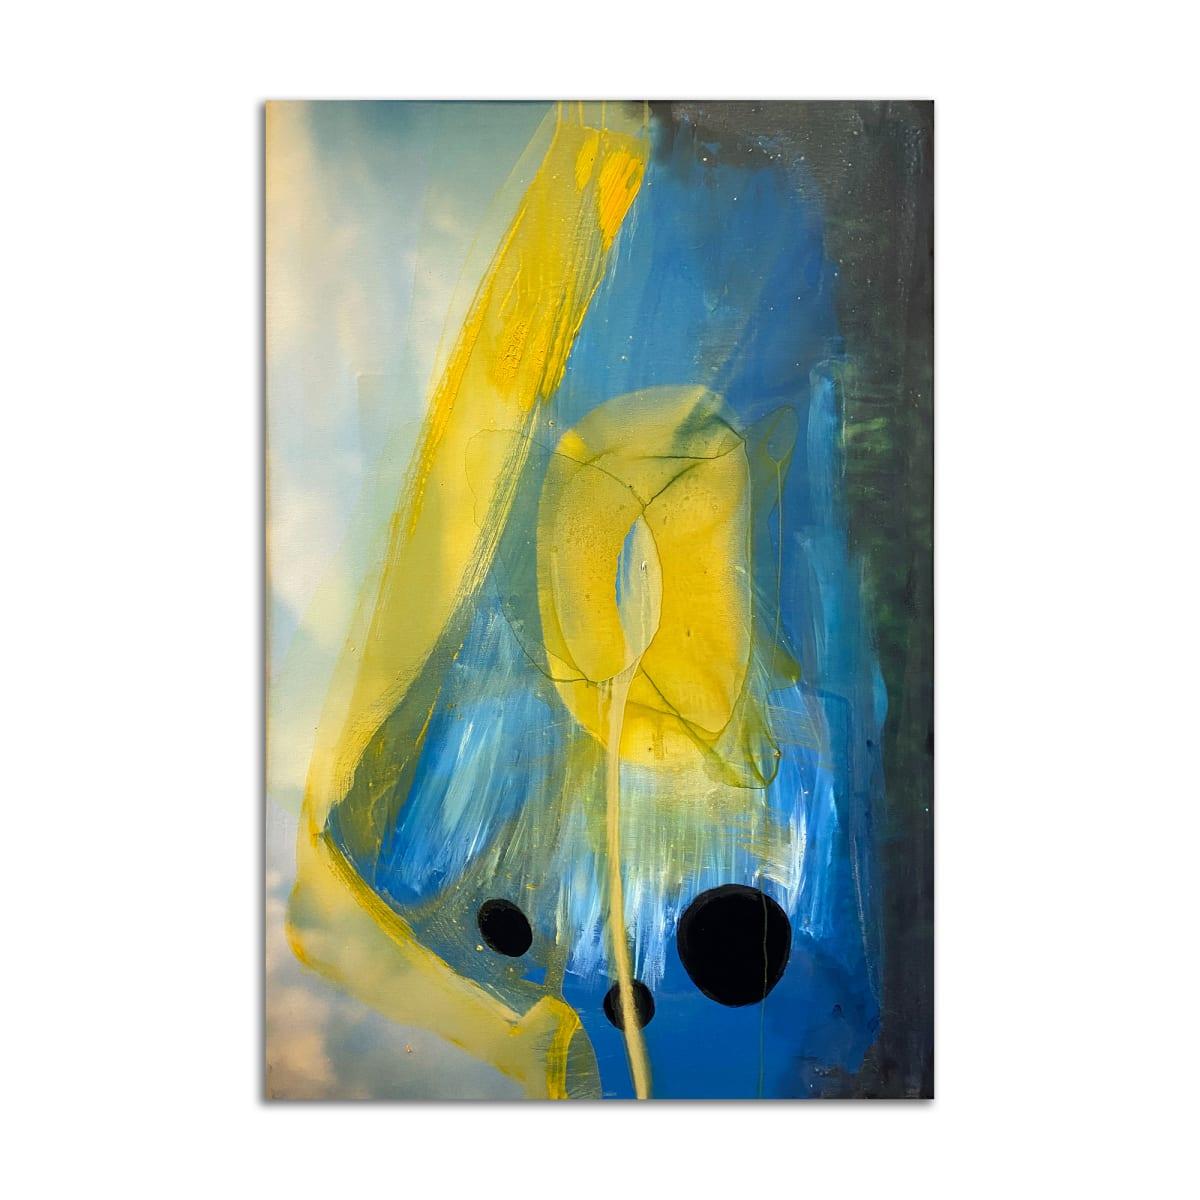 Averted Vision by Meganne Rosen